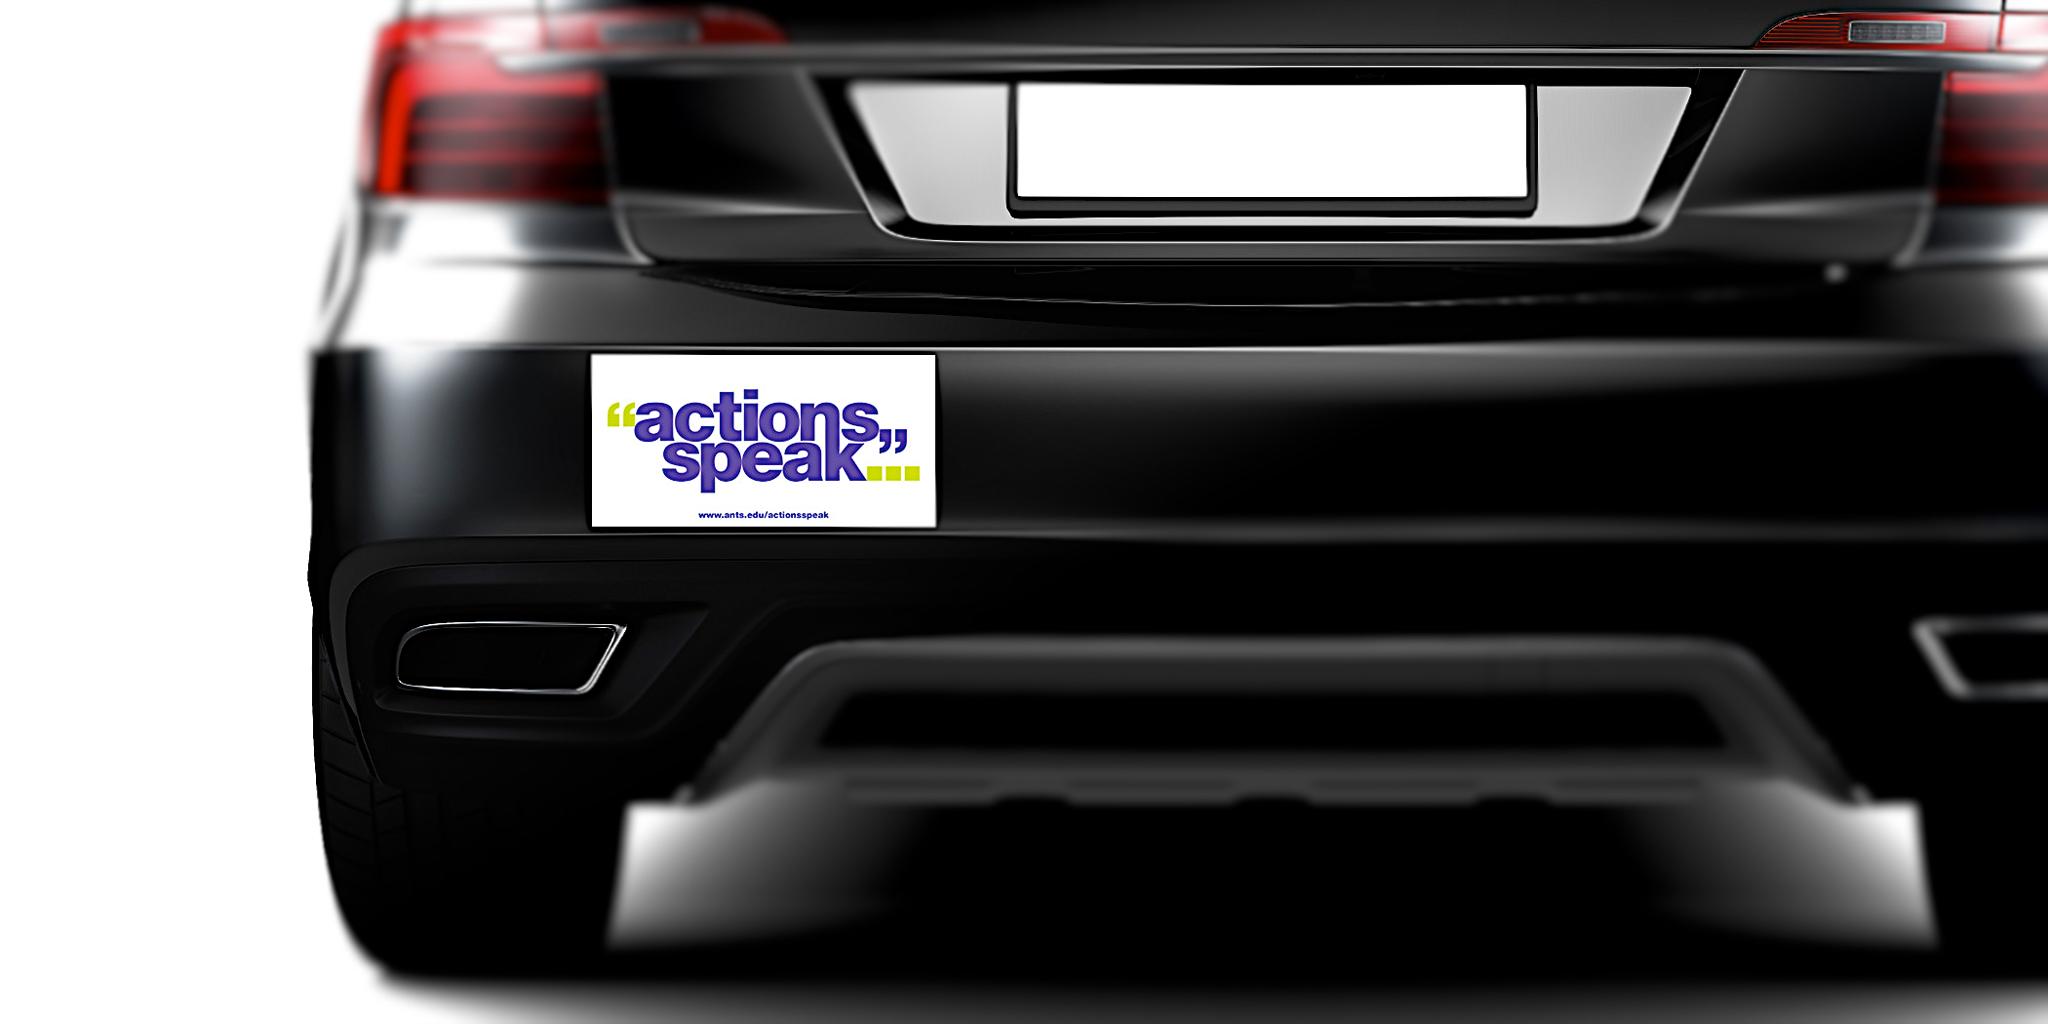 Action_Speaks_bumper_sticker_1024.jpg